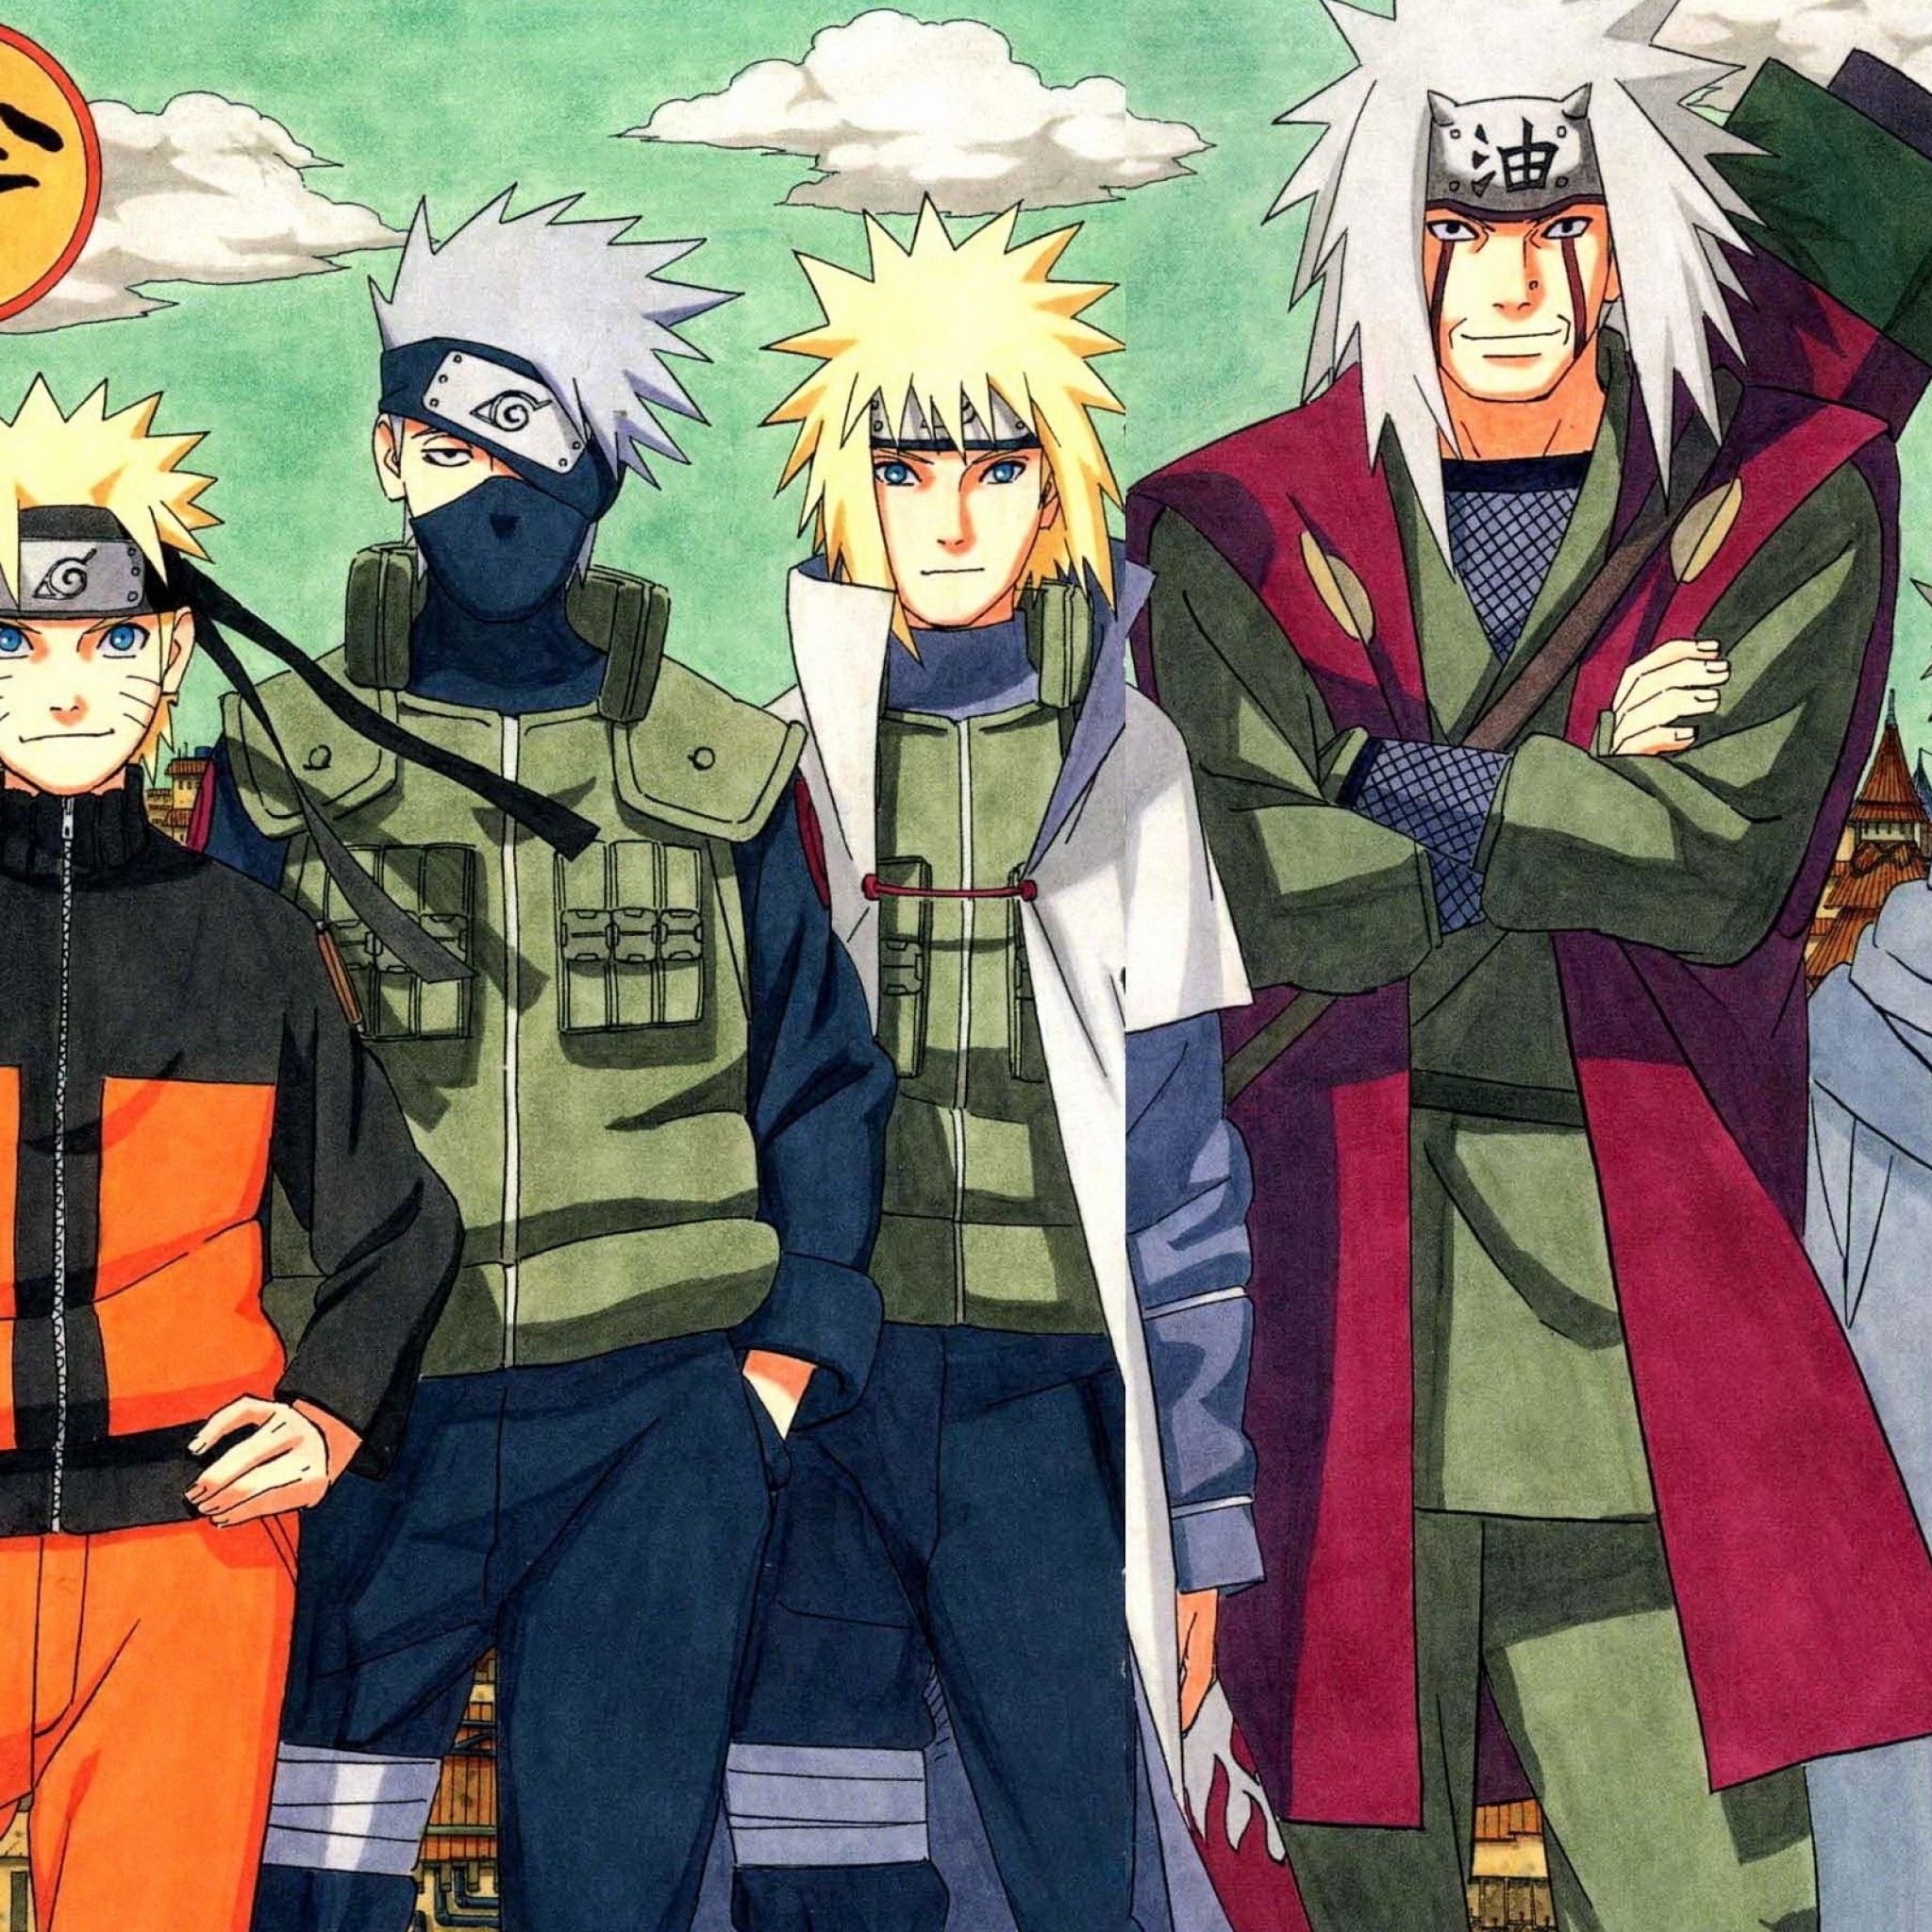 Naruto Hd Wallpaper: Cool Naruto Wallpapers HD (60+ Images